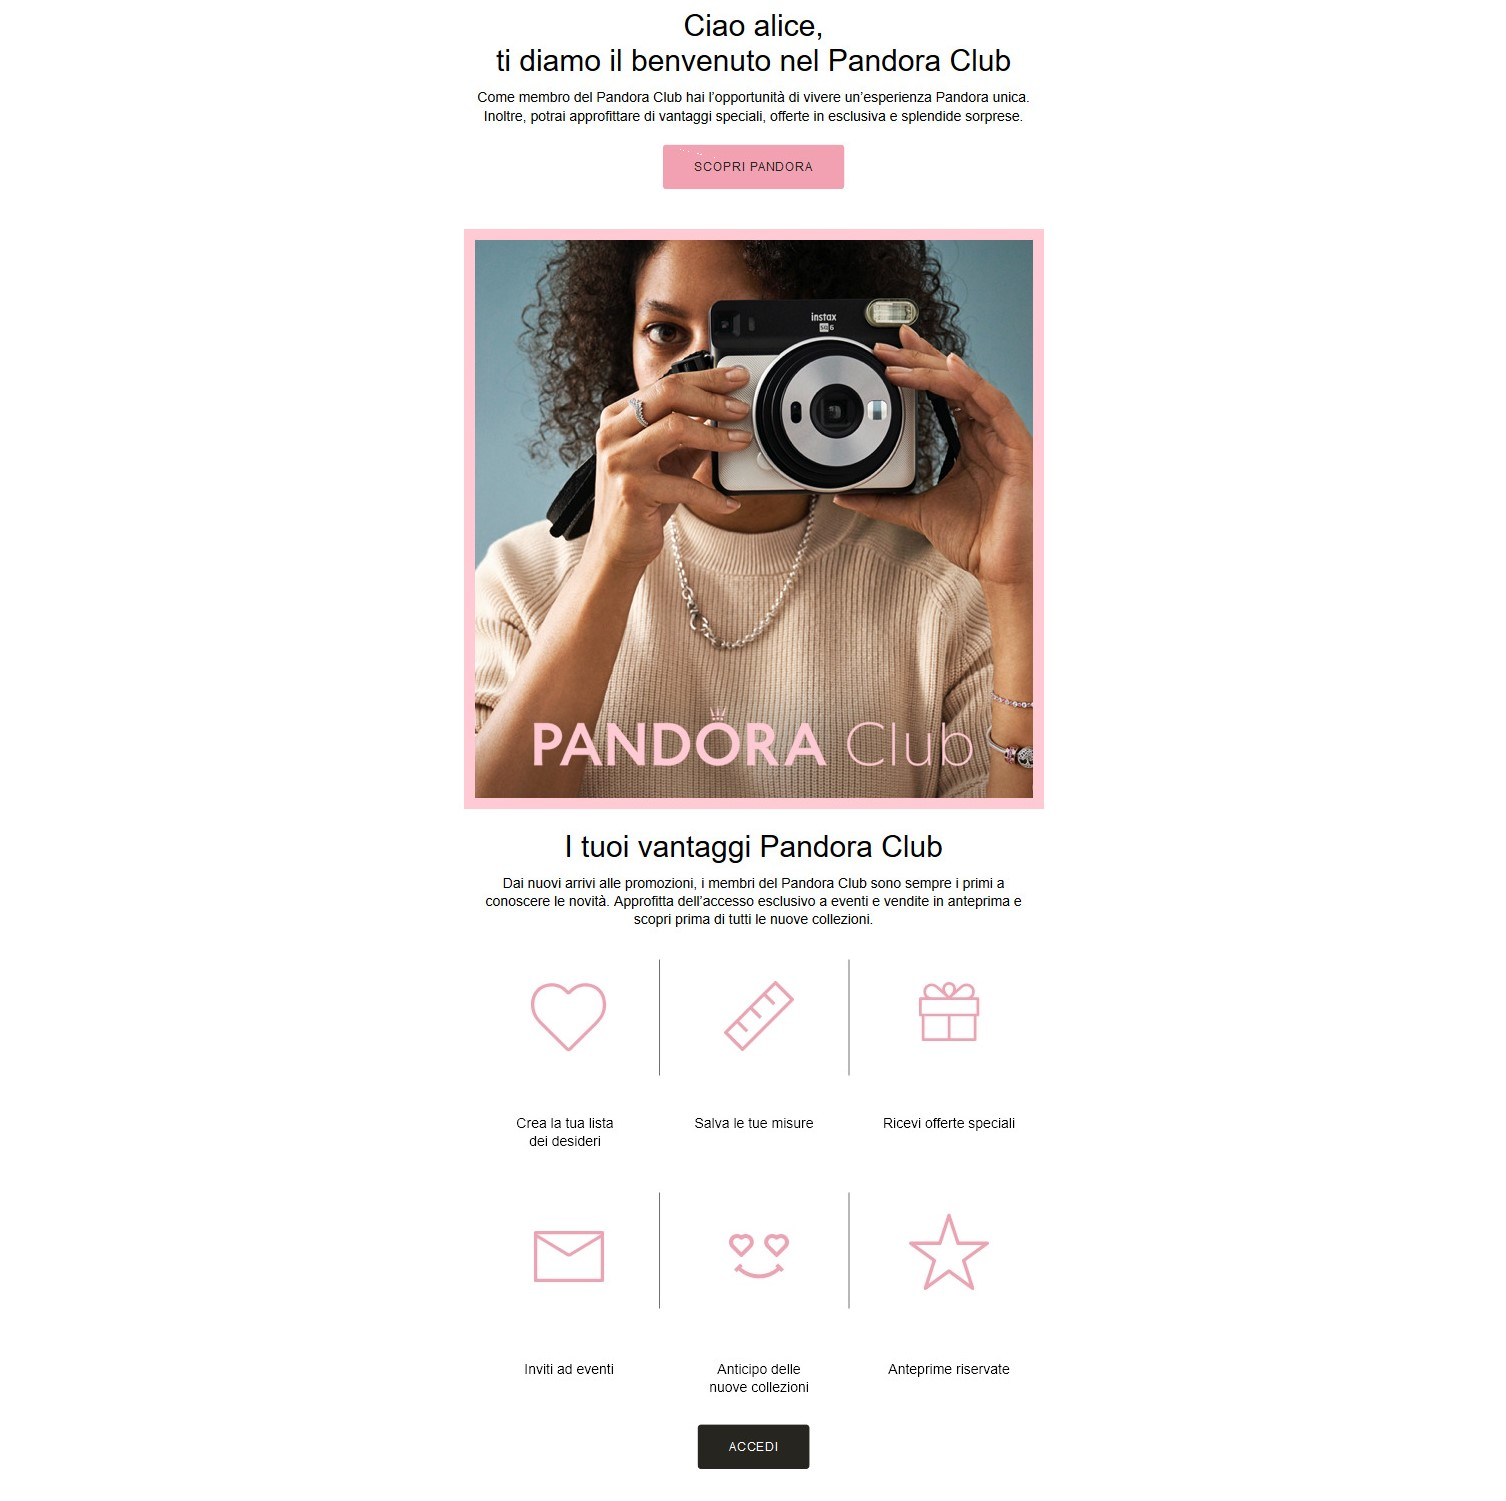 pandora-email-benvenuto